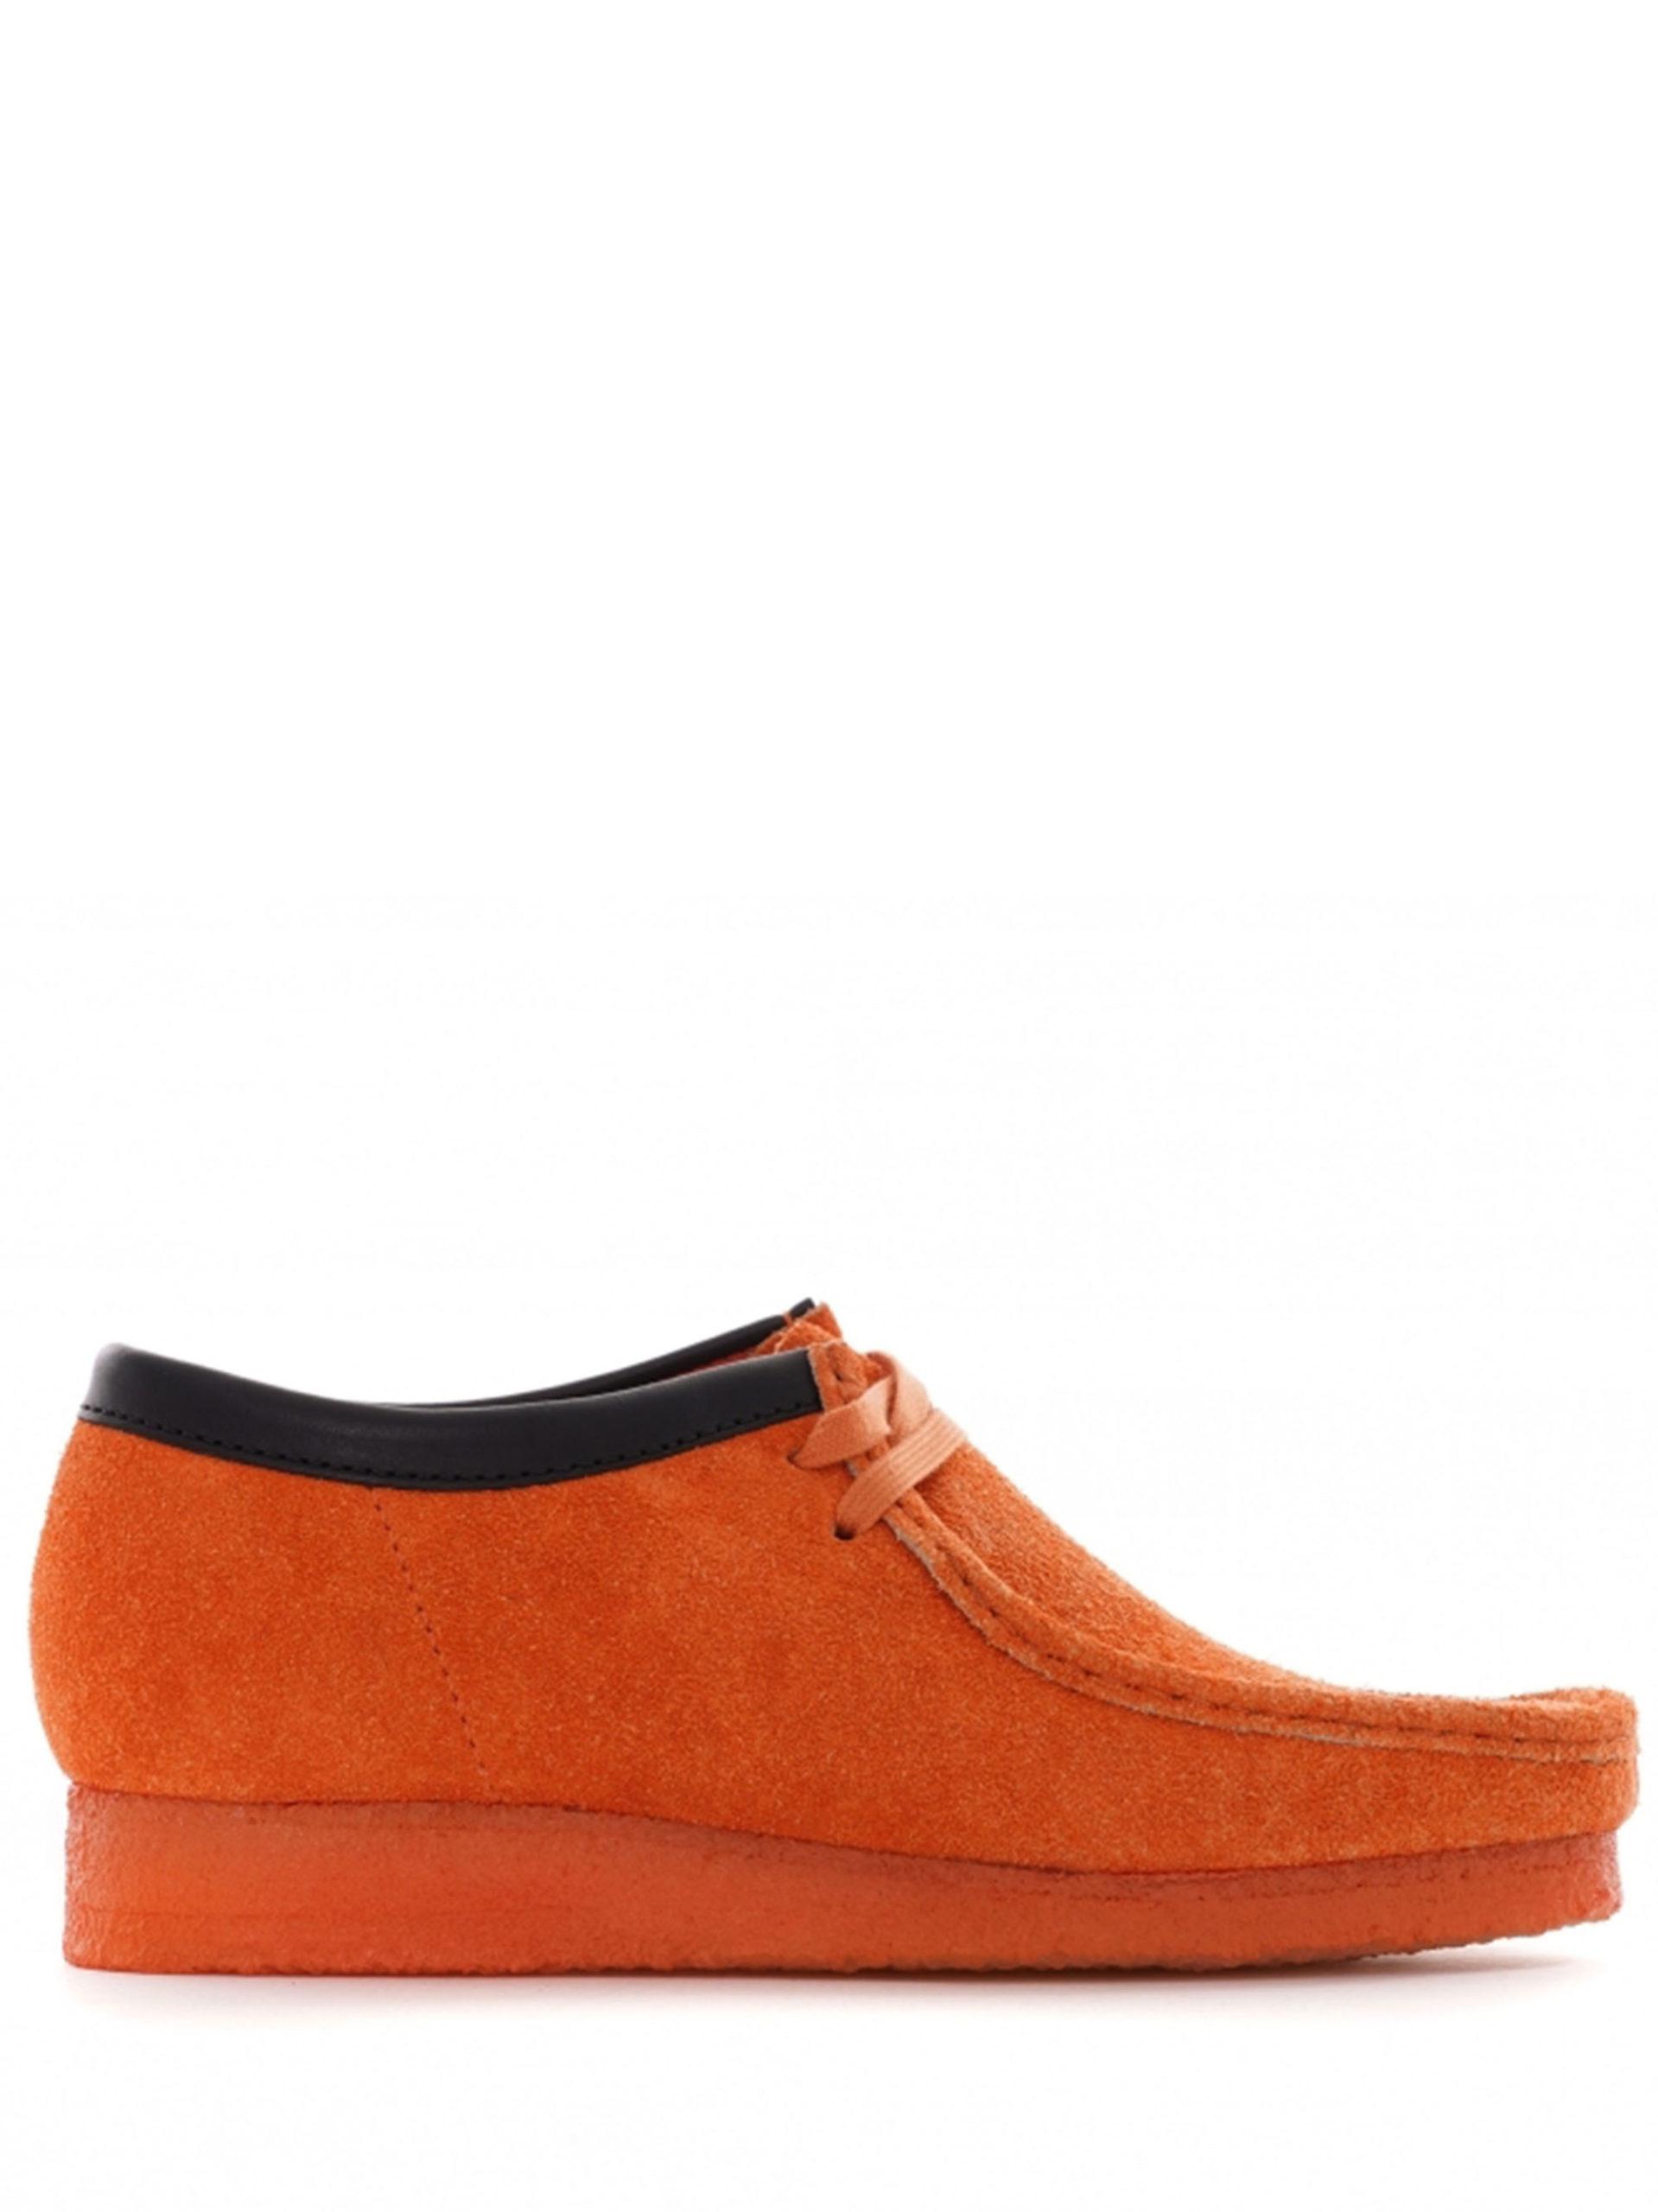 <p class='small-title'>CLARKS ORIGINALS</p>Wallabee Orange M